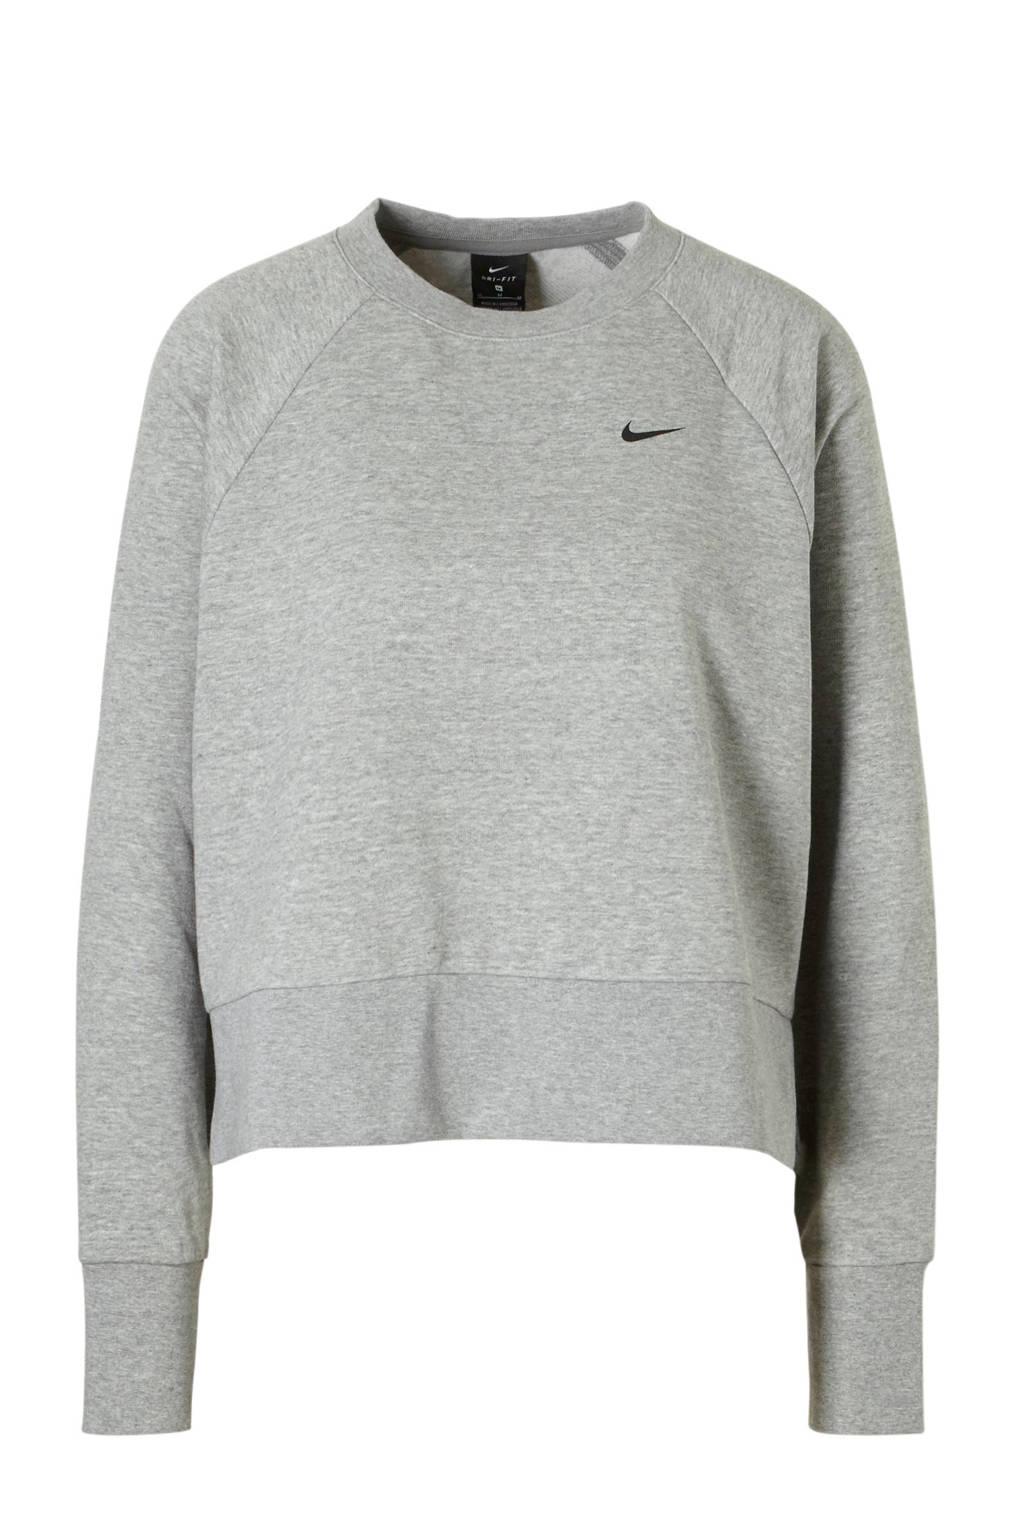 Nike sportsweater grijs, Grijs